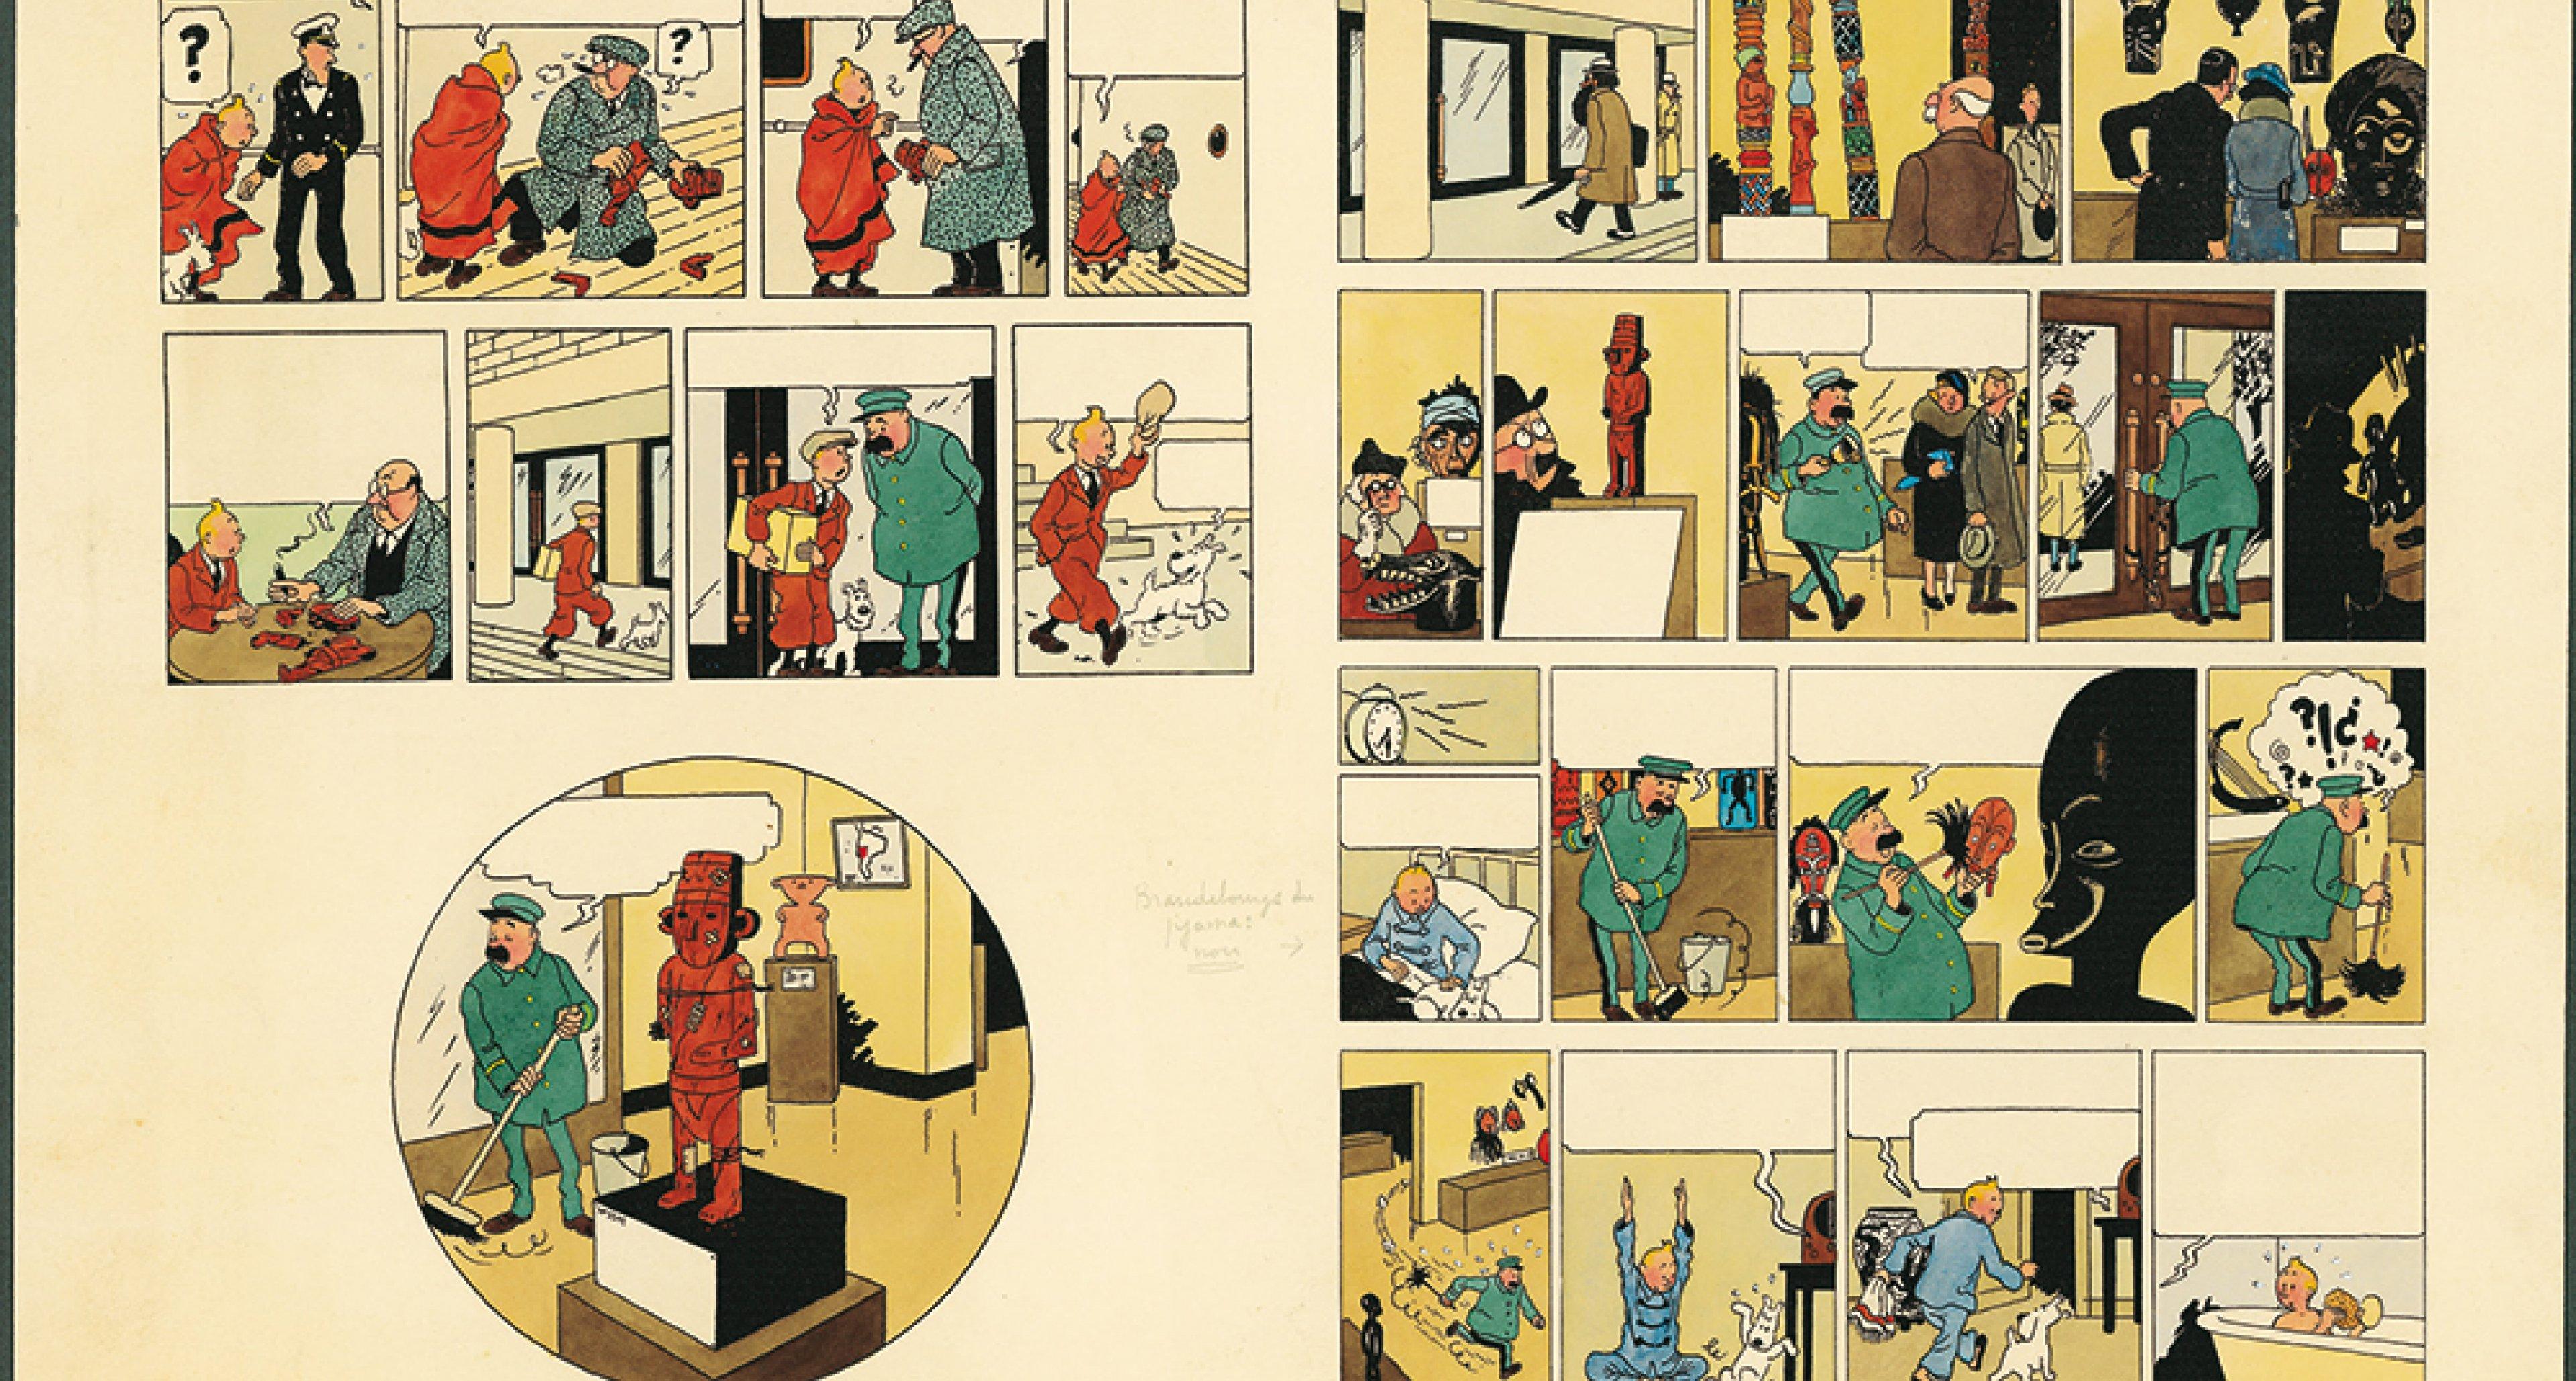 """Hergé, """"Les Aventures de Tintin - L'Oreille cassée"""" 1956. © Hergé/Moulinsart 2016"""